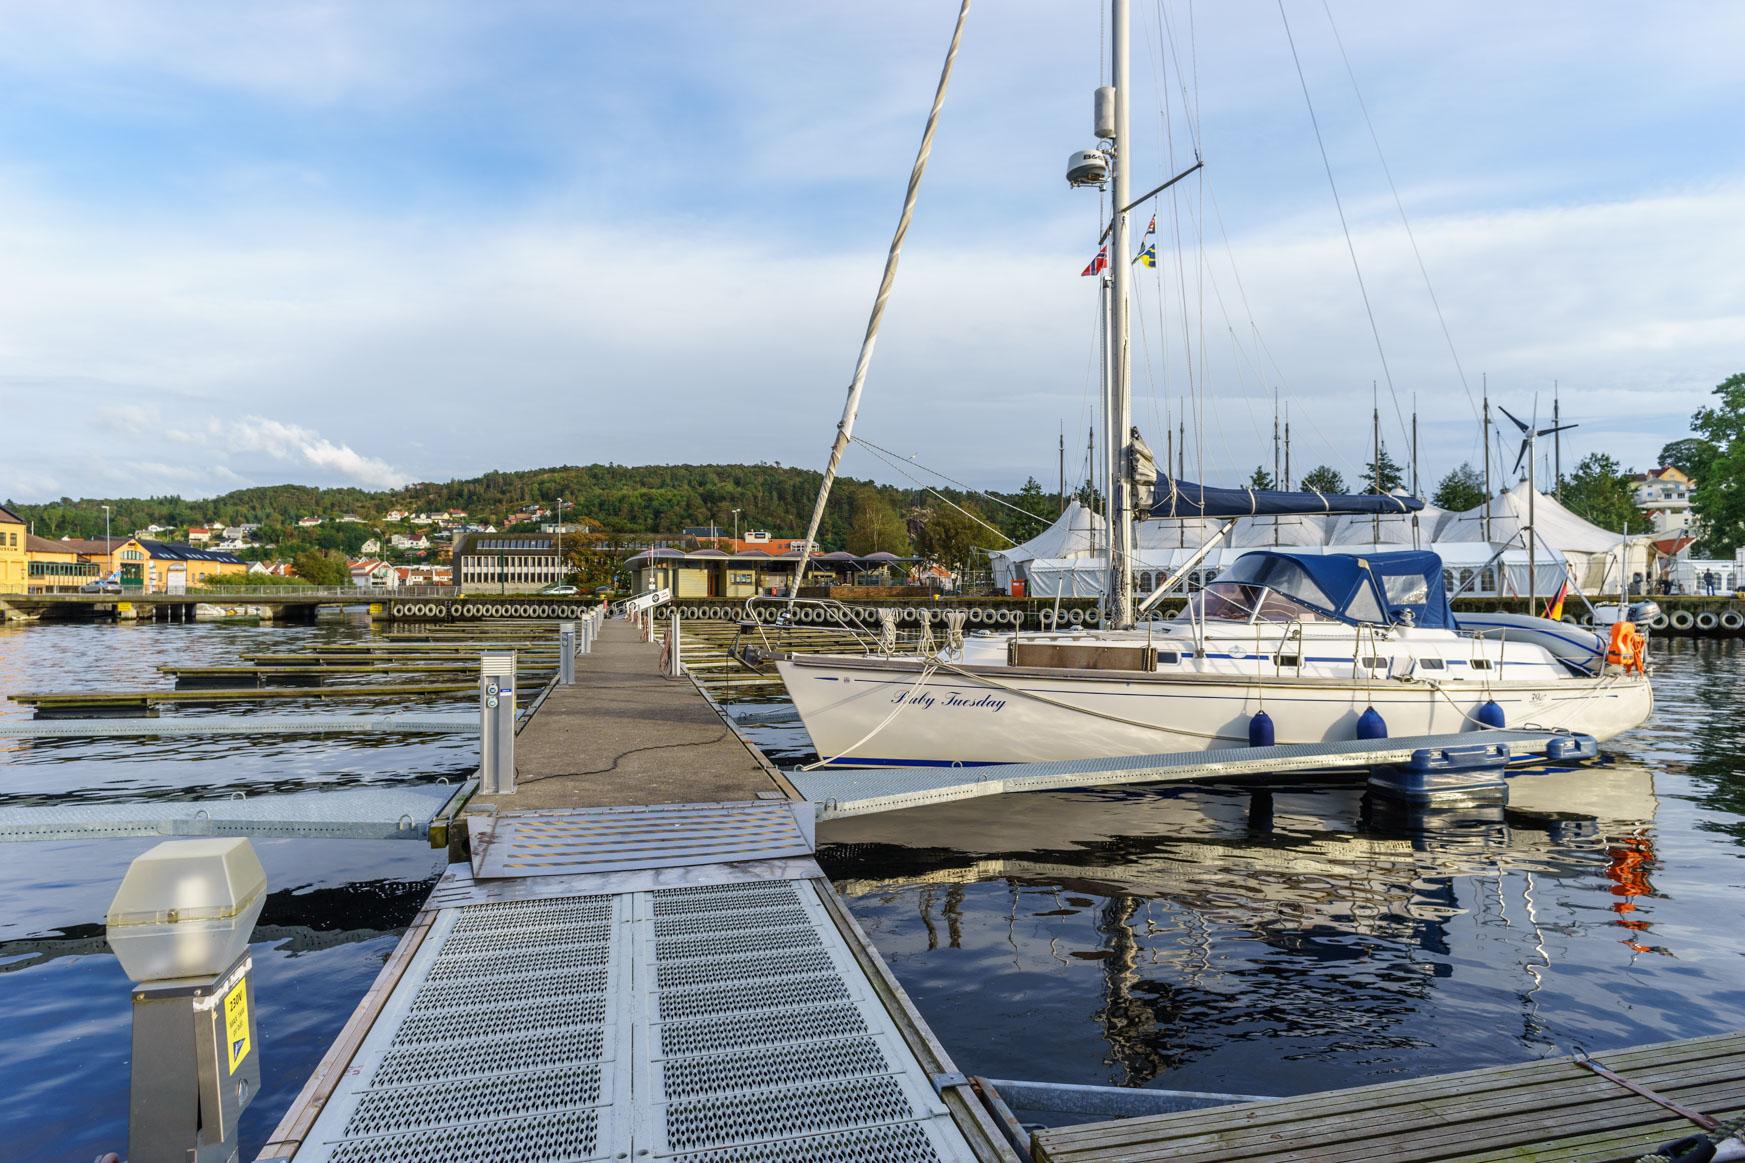 Egersund Hafen - nicht wirklich schön